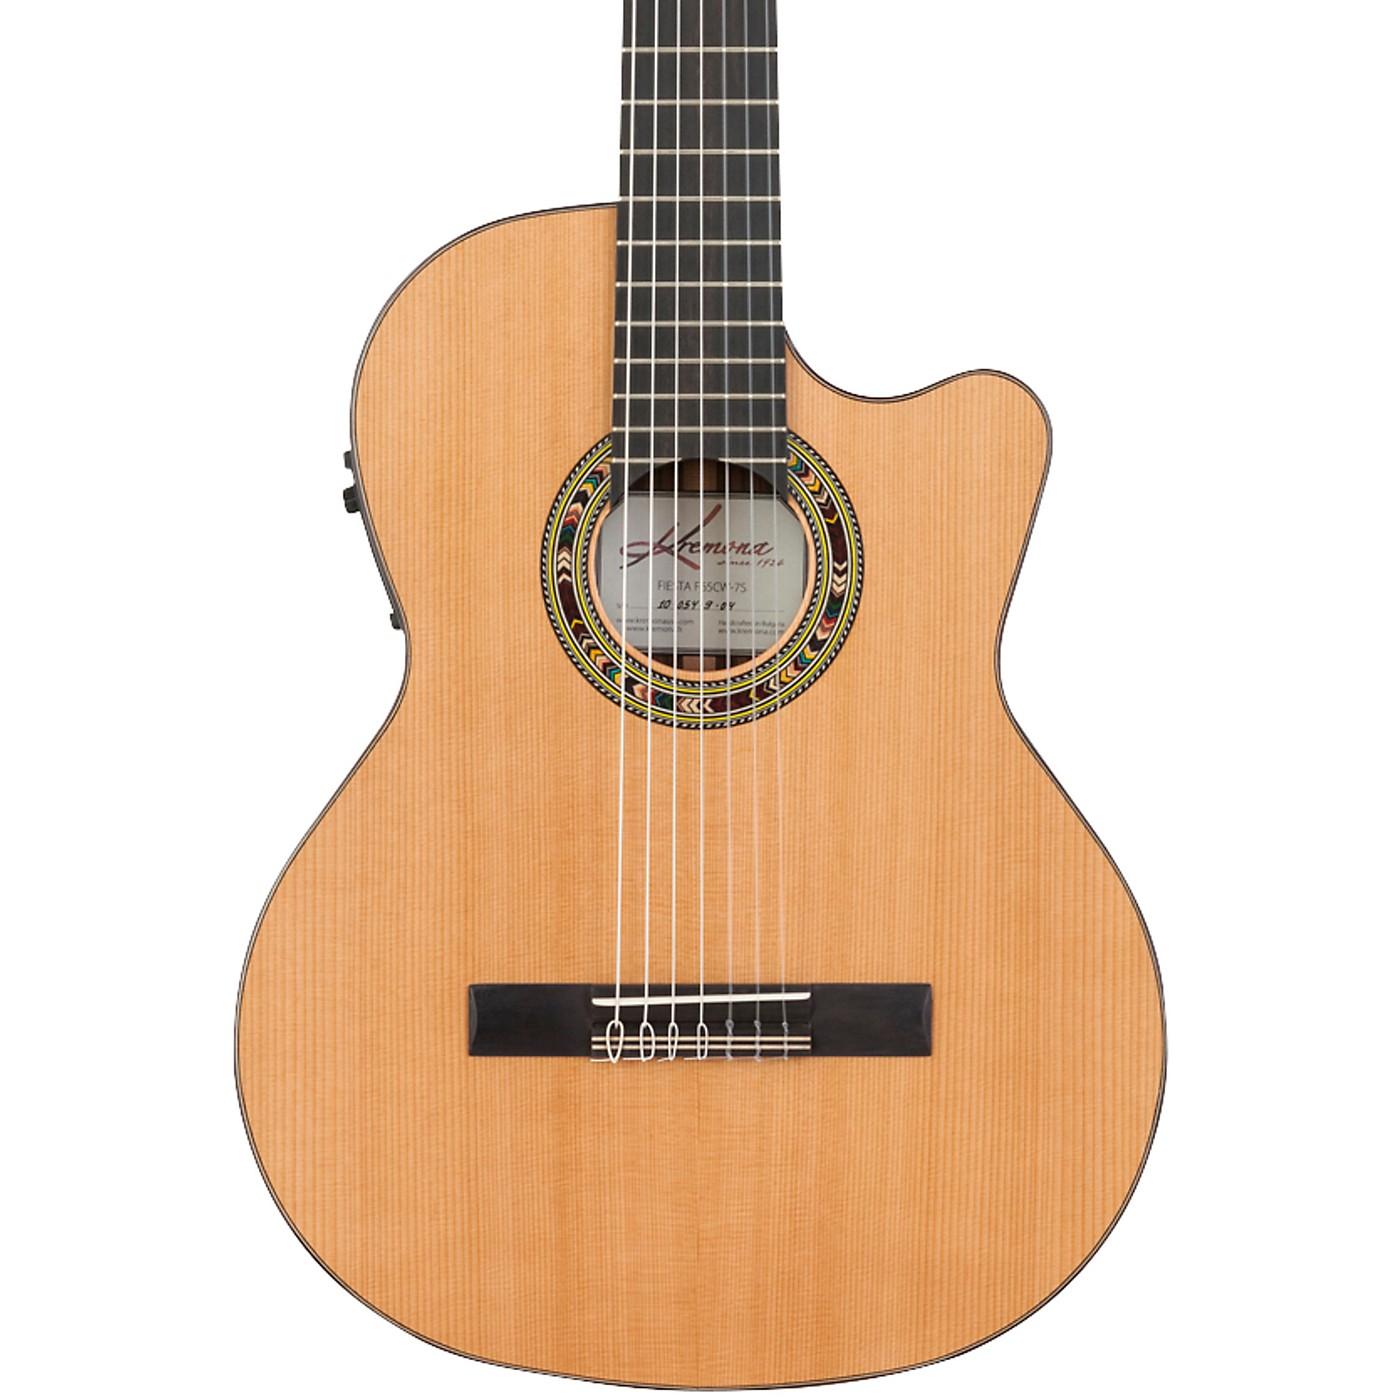 Kremona Fiesta CW-7 Classical Electric Guitar thumbnail